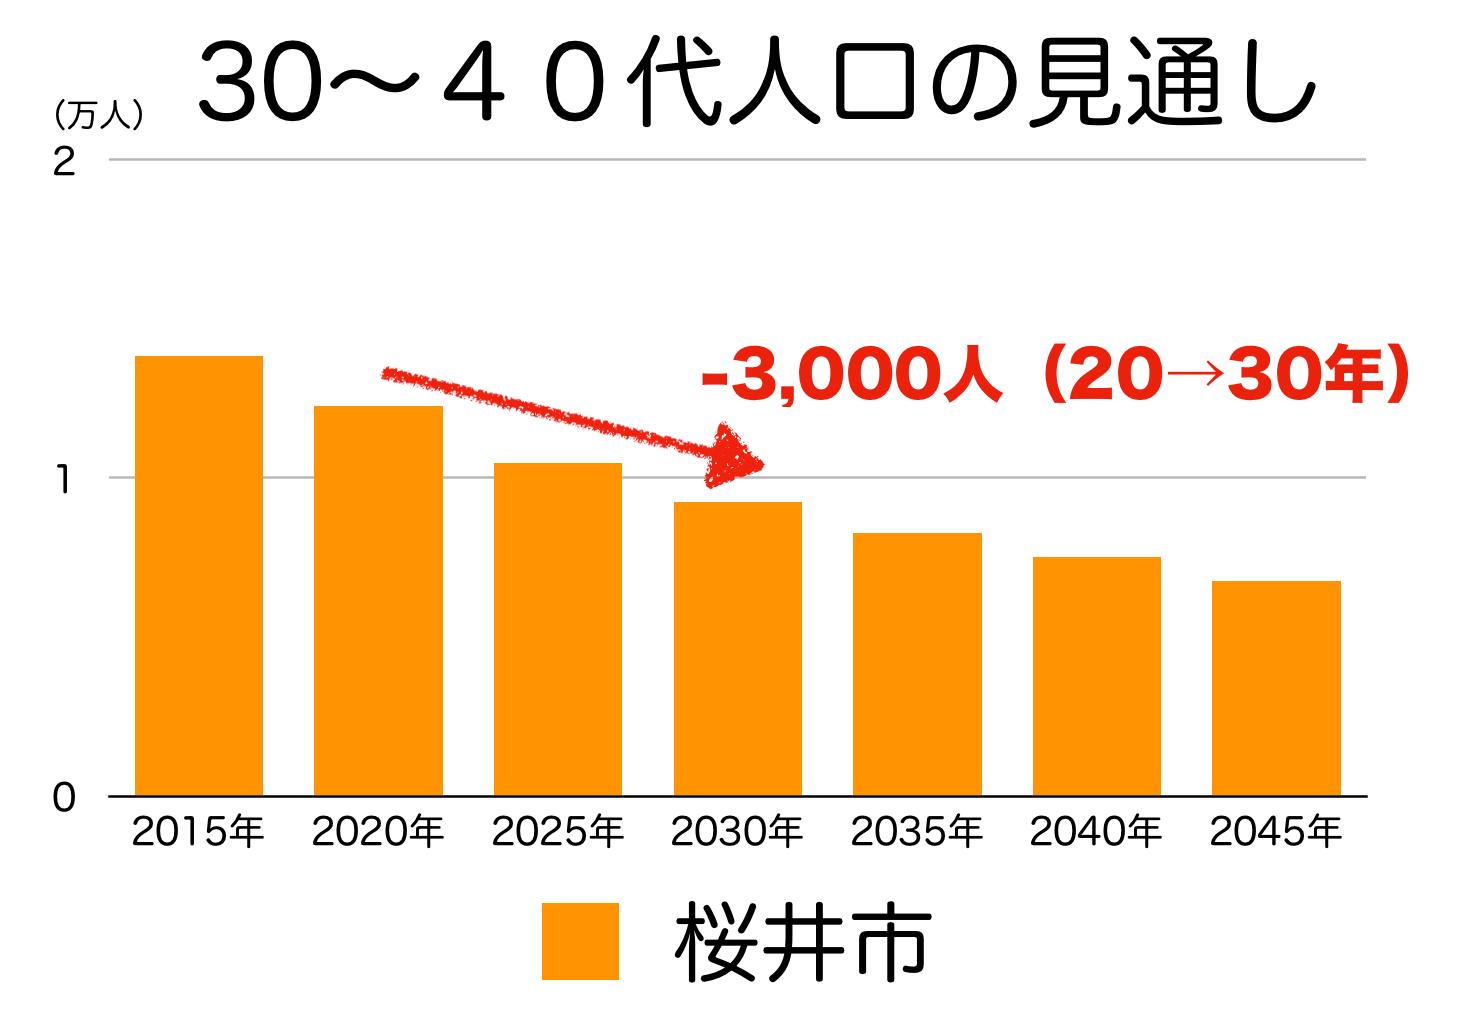 桜井市の30〜40代人口の予測